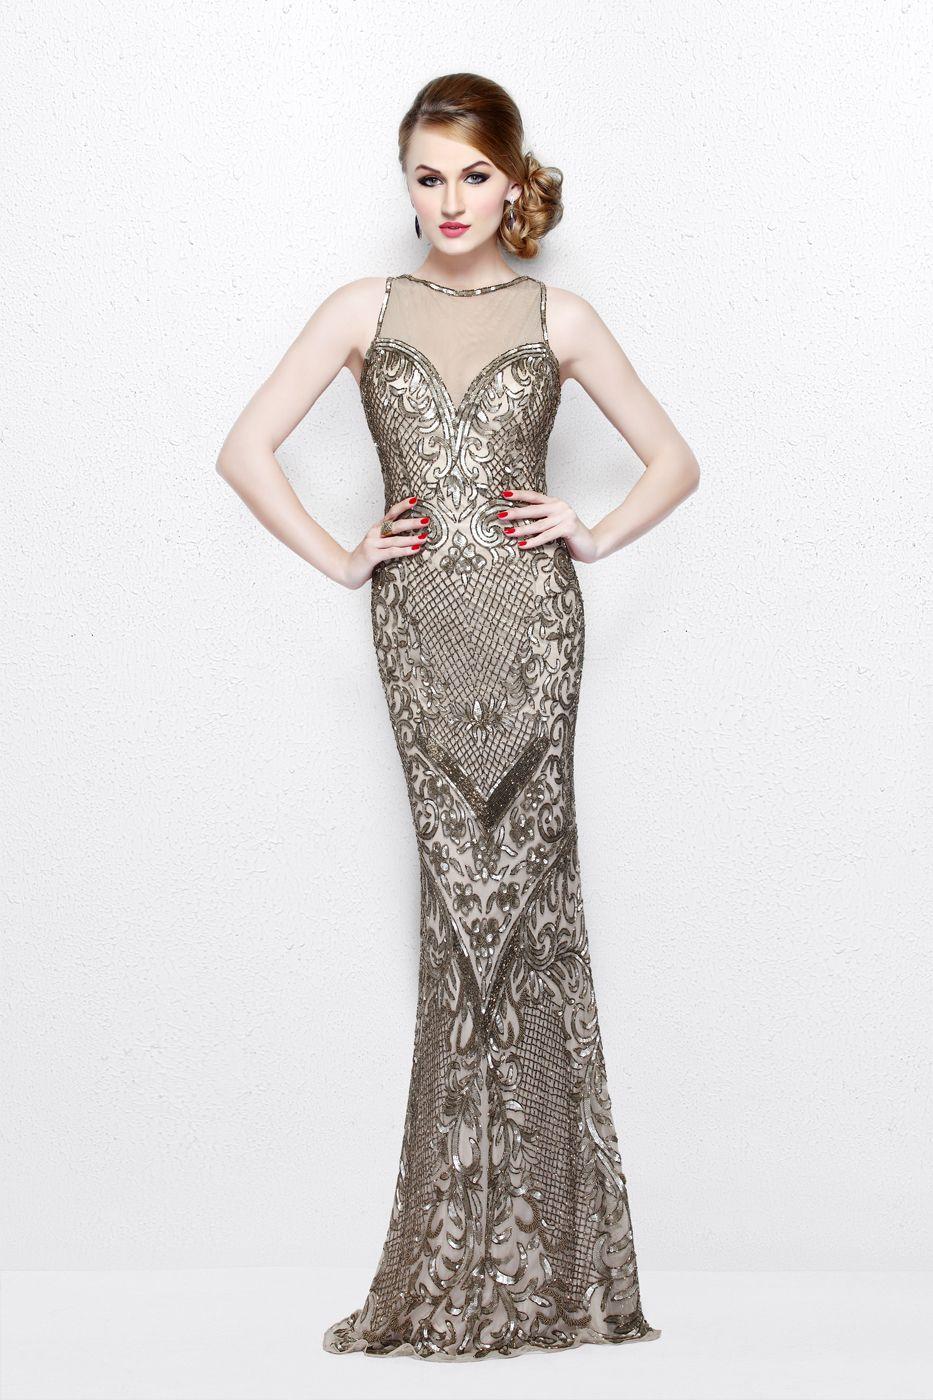 Primavera couture prom dress in primavera couture